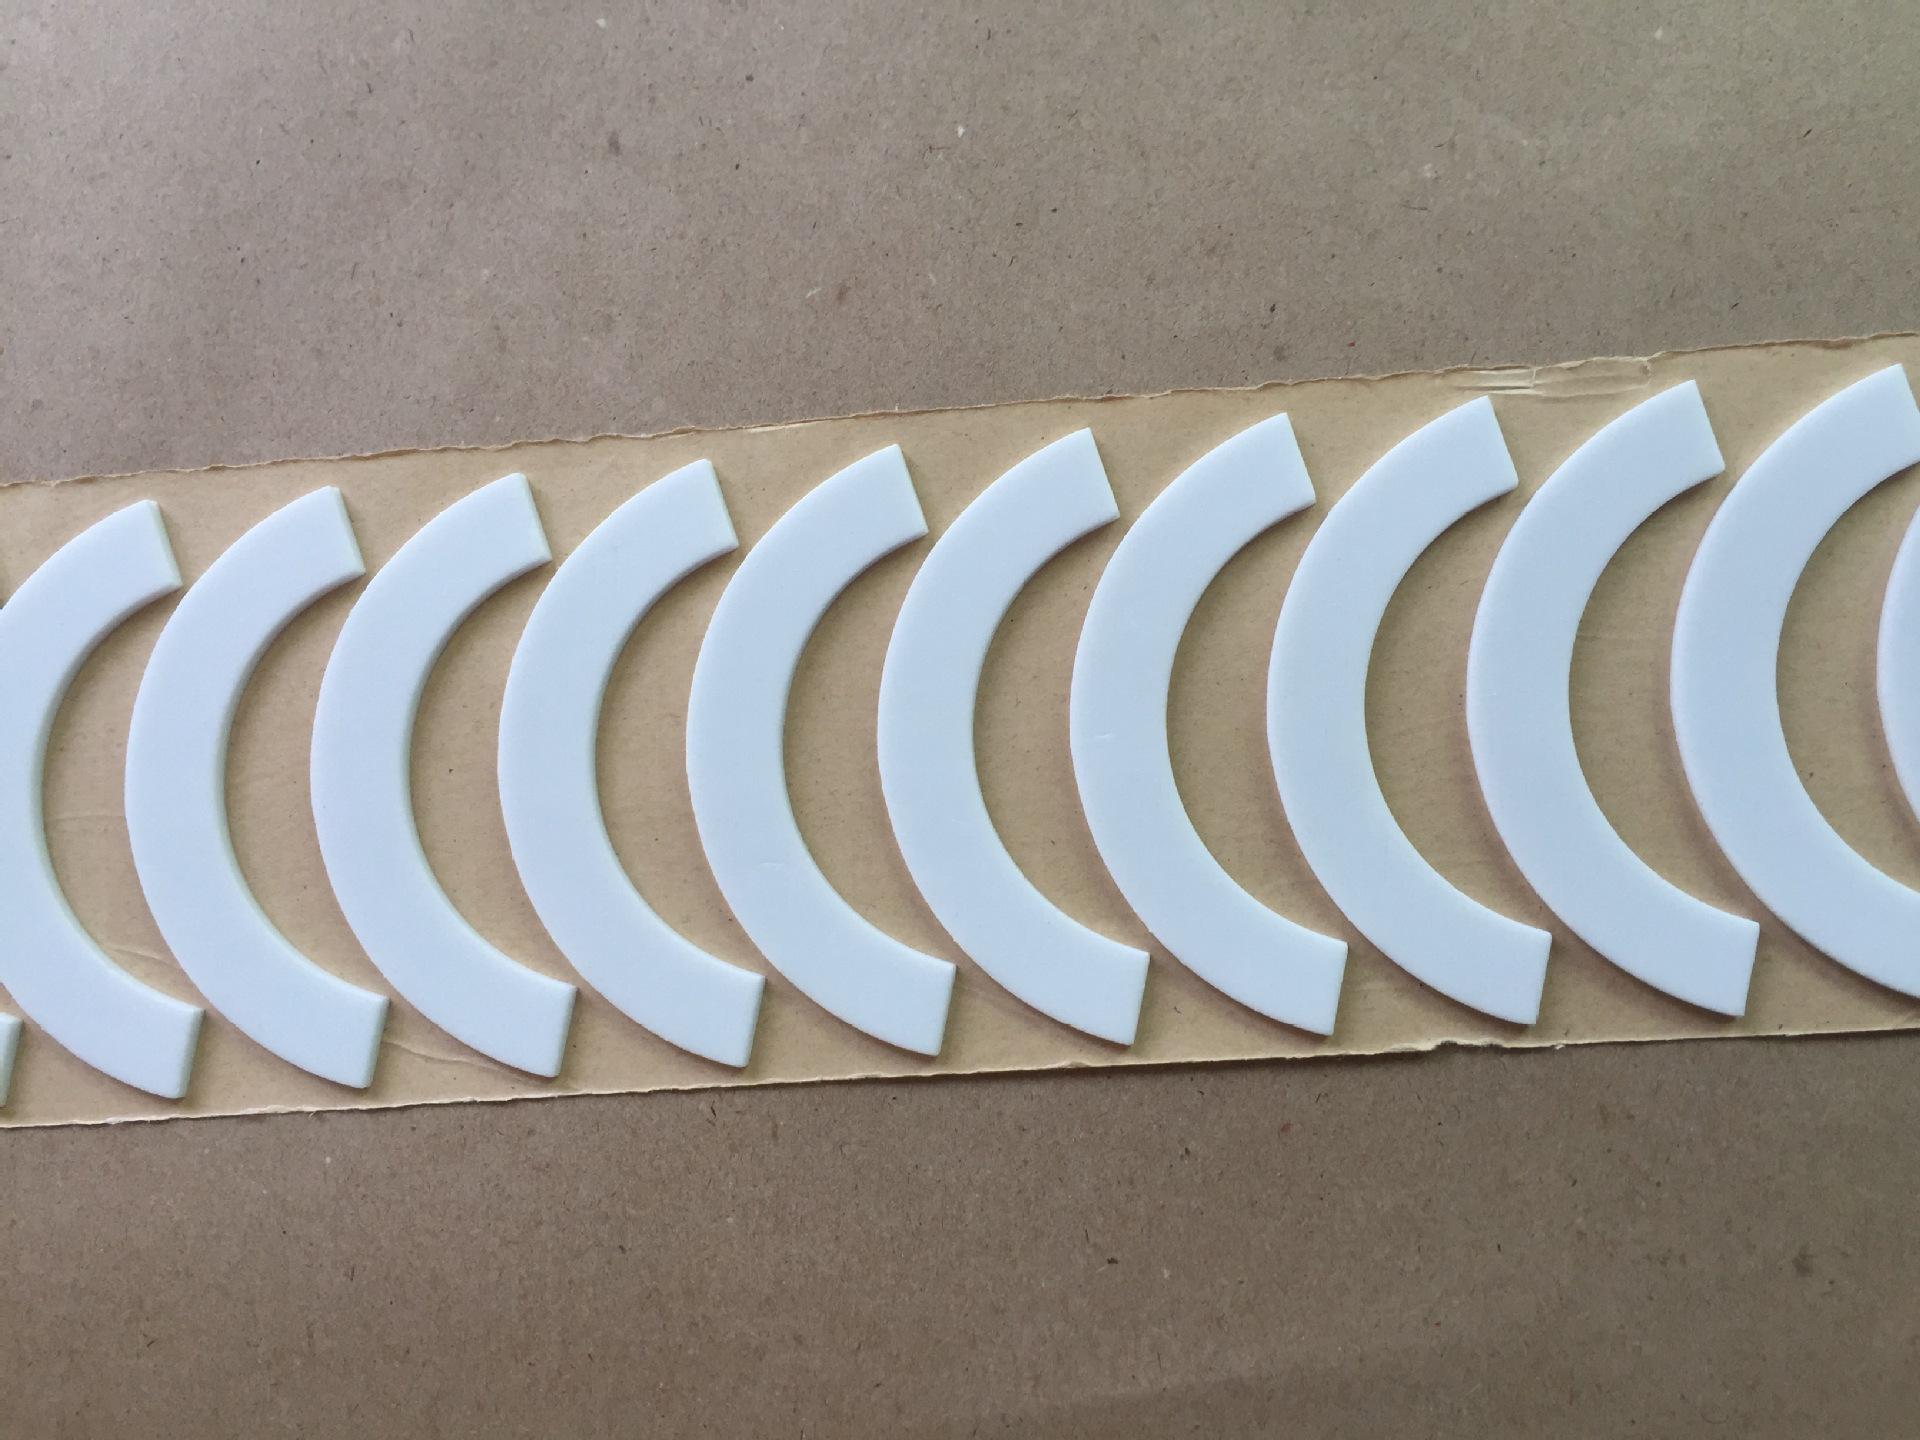 罗杰斯HT-820硬质硅胶泡棉 厚度0.79mm 材料加工模切一体厂商